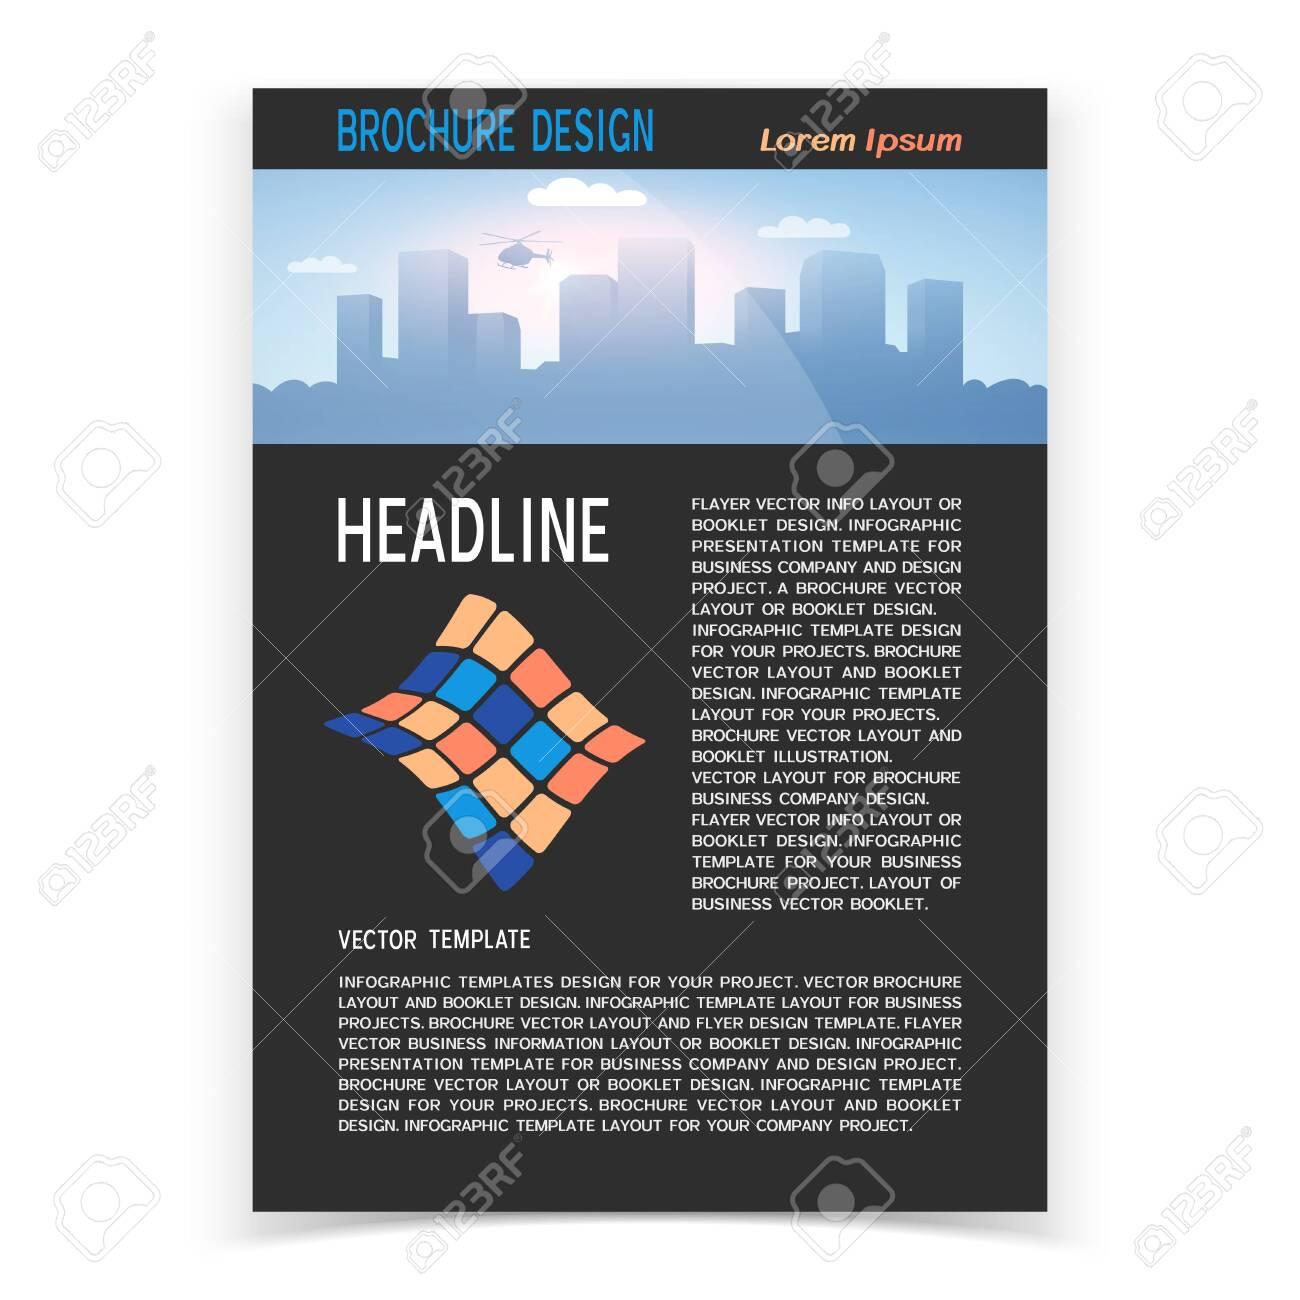 Brochure cover or web banner design. Vector illustration - 130488050